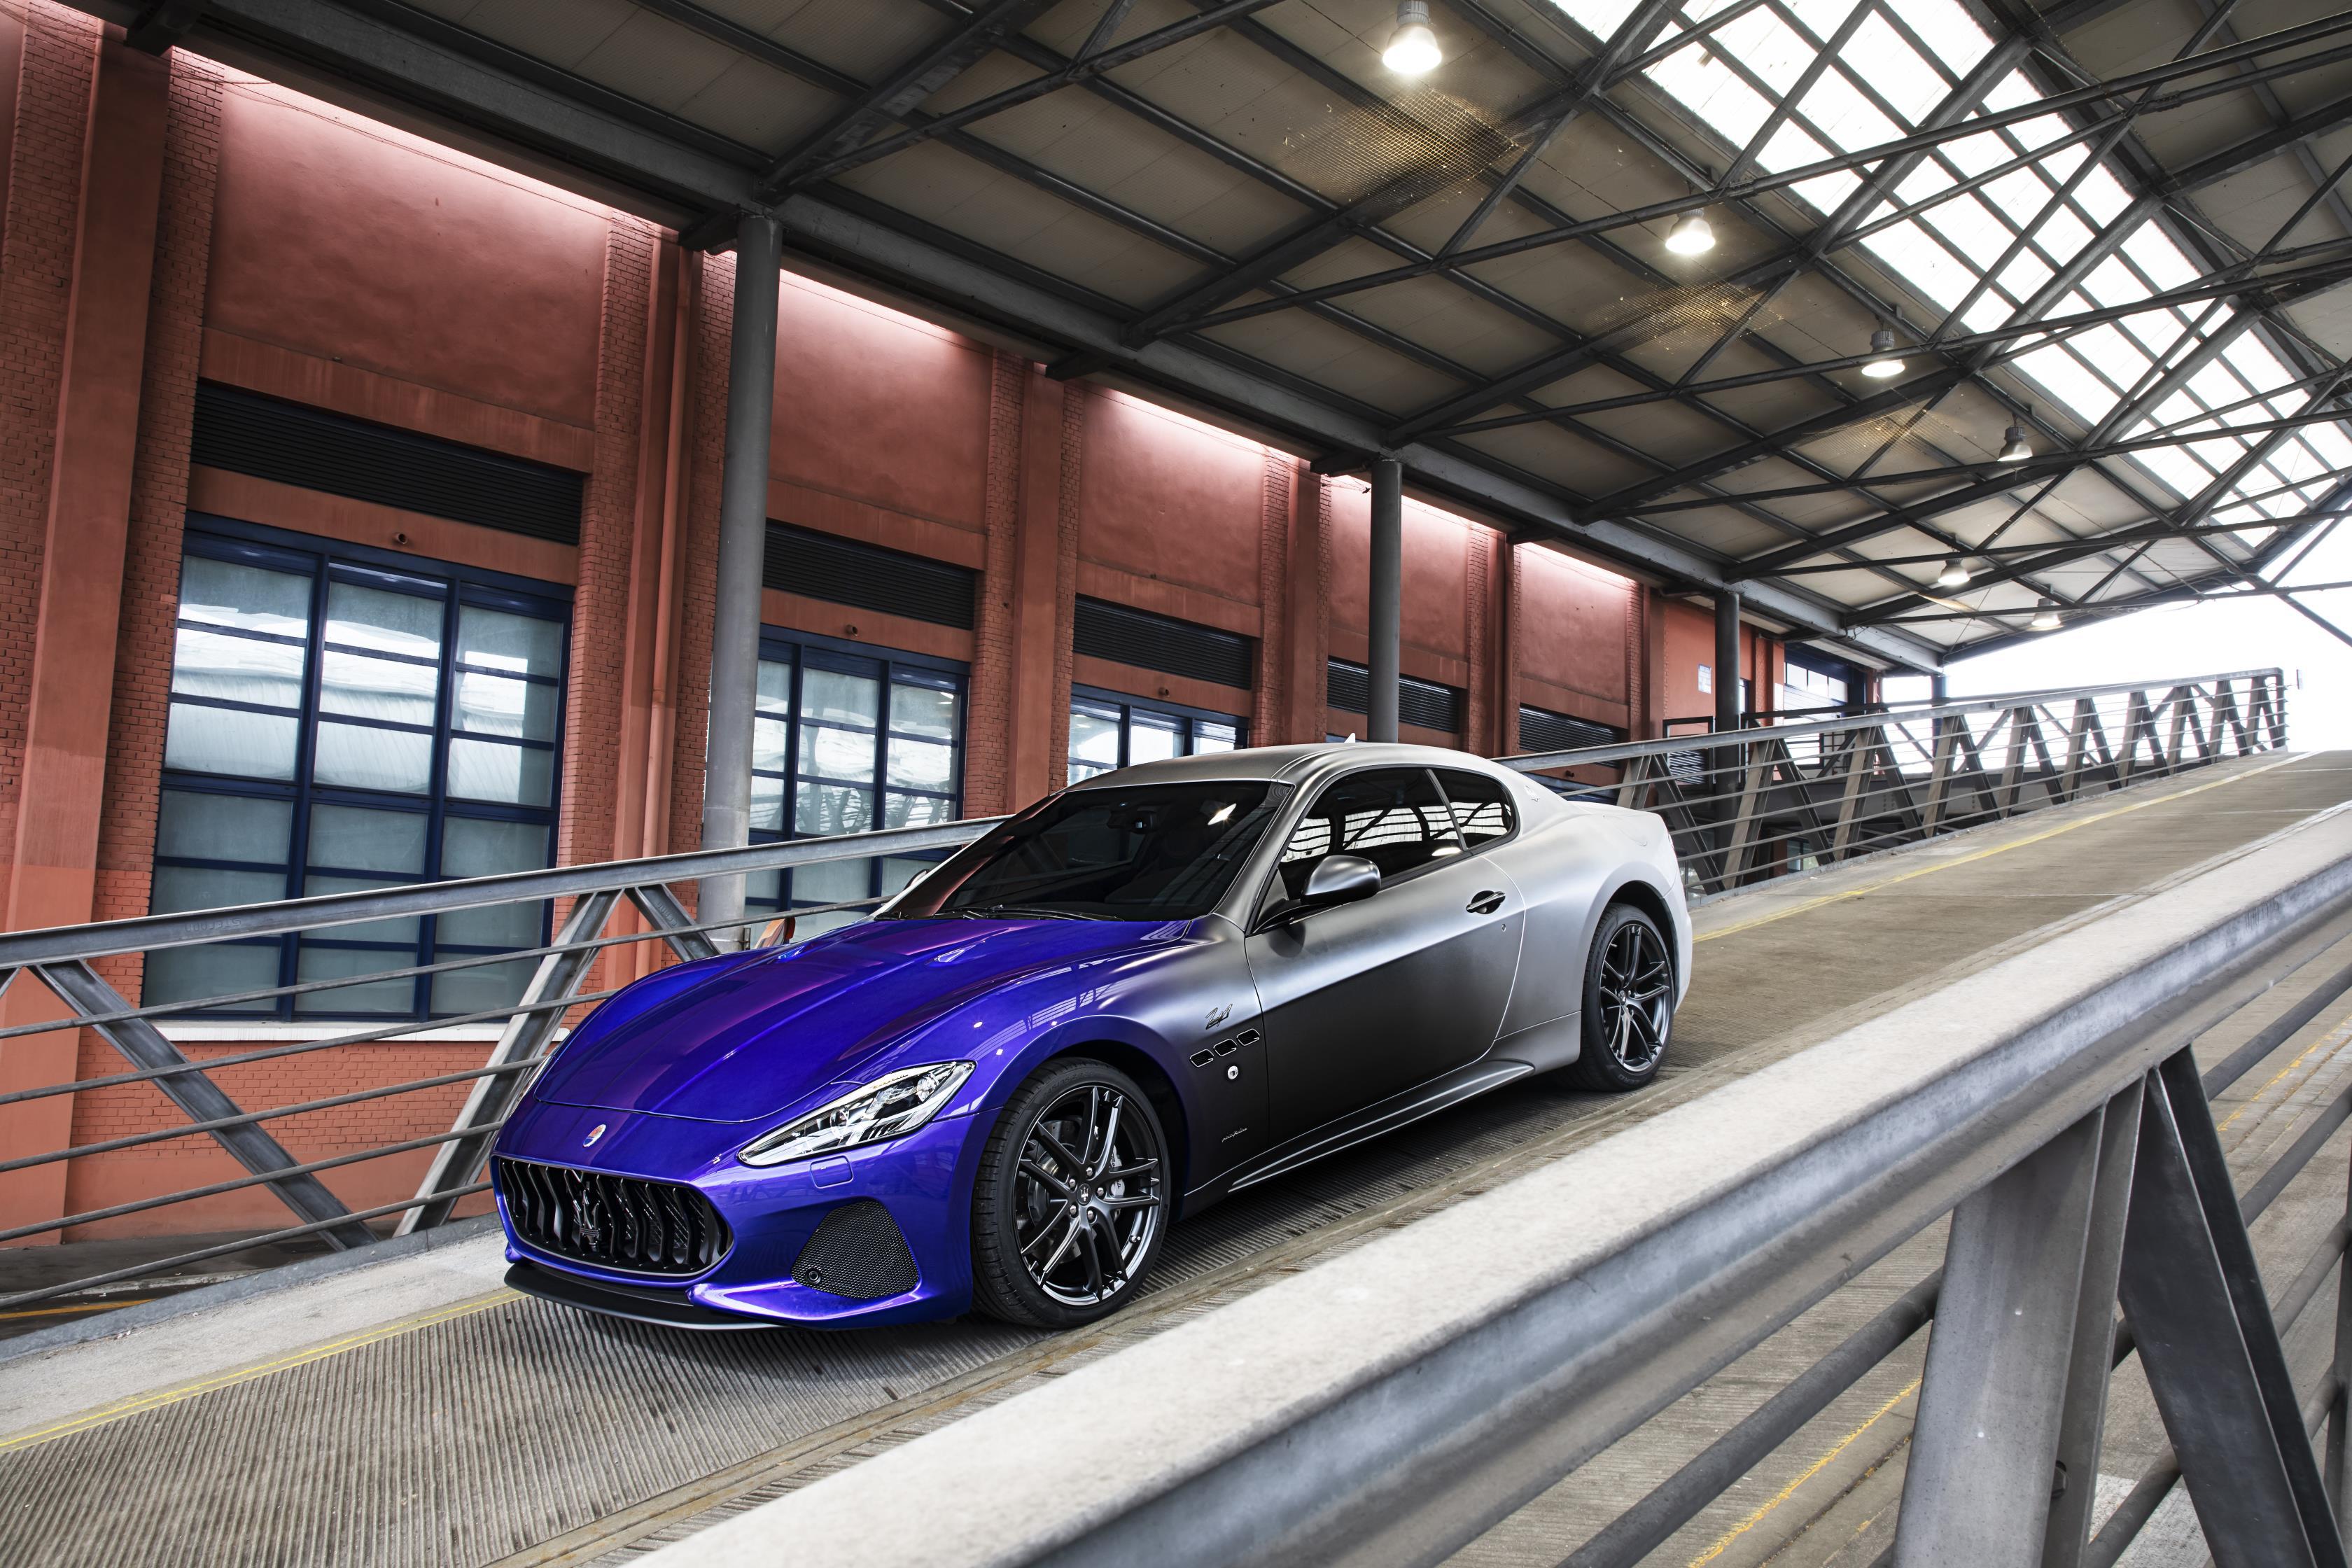 Новые GranTurismo и GranCabrio собираются производить в Турине. Что касается завода в Модене, то пресс-релиз подтверждает только то, что в нем будет размещена новая «супер спортивная модель», запуск которой запланирован на 2020 год. Пресс-релиз Maser